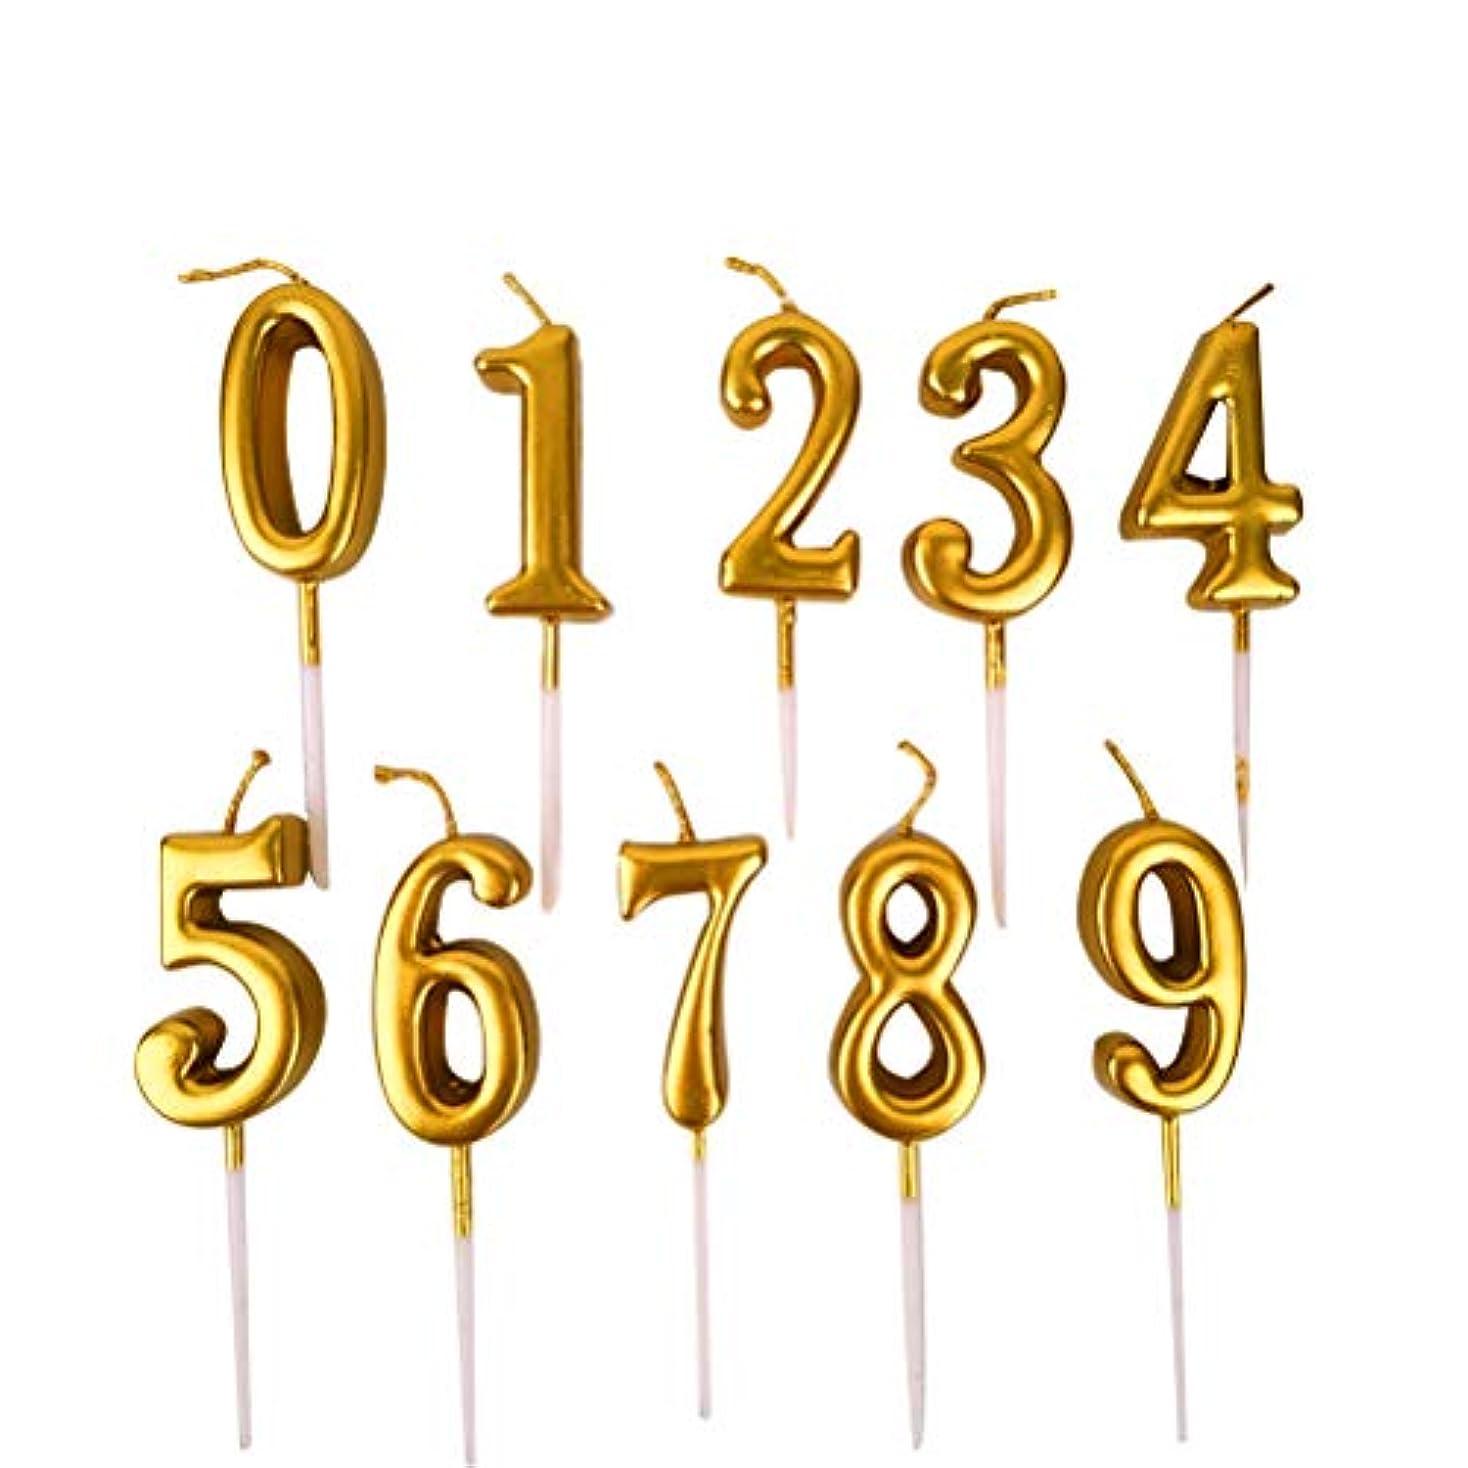 イノセンスアクセサリートランザクションNUOBESTY 誕生日数字キャンドル、10ピース番号0-9グリッターケーキトッパー装飾用誕生日パーティーの好意